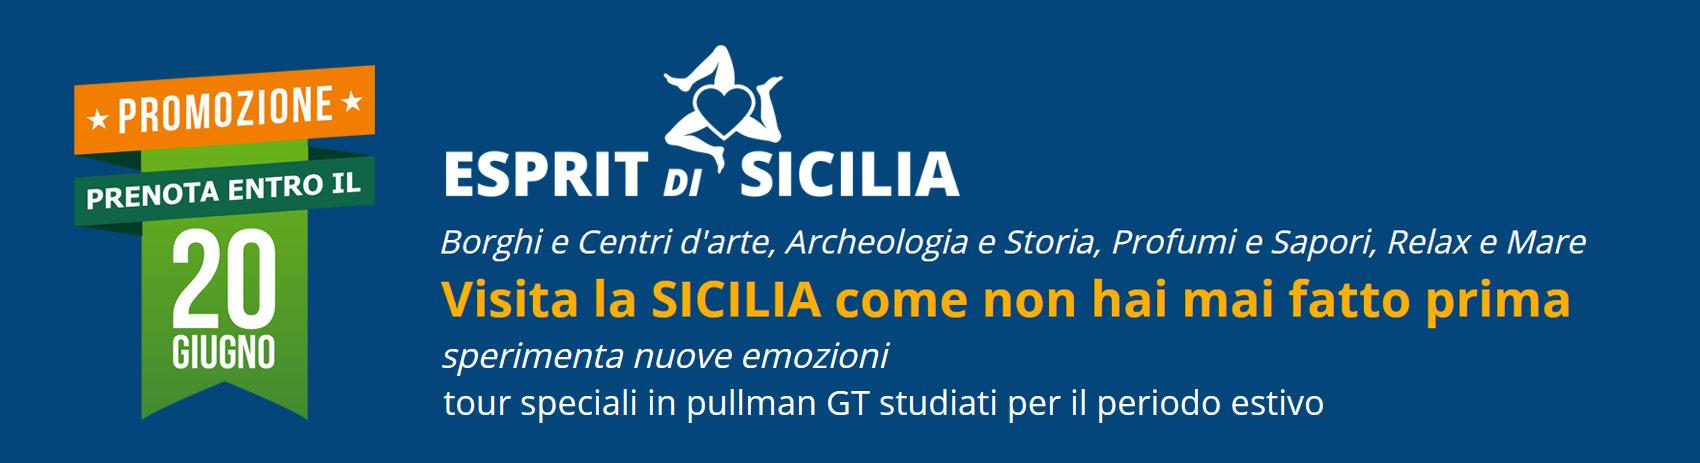 Esprit di Sicilia